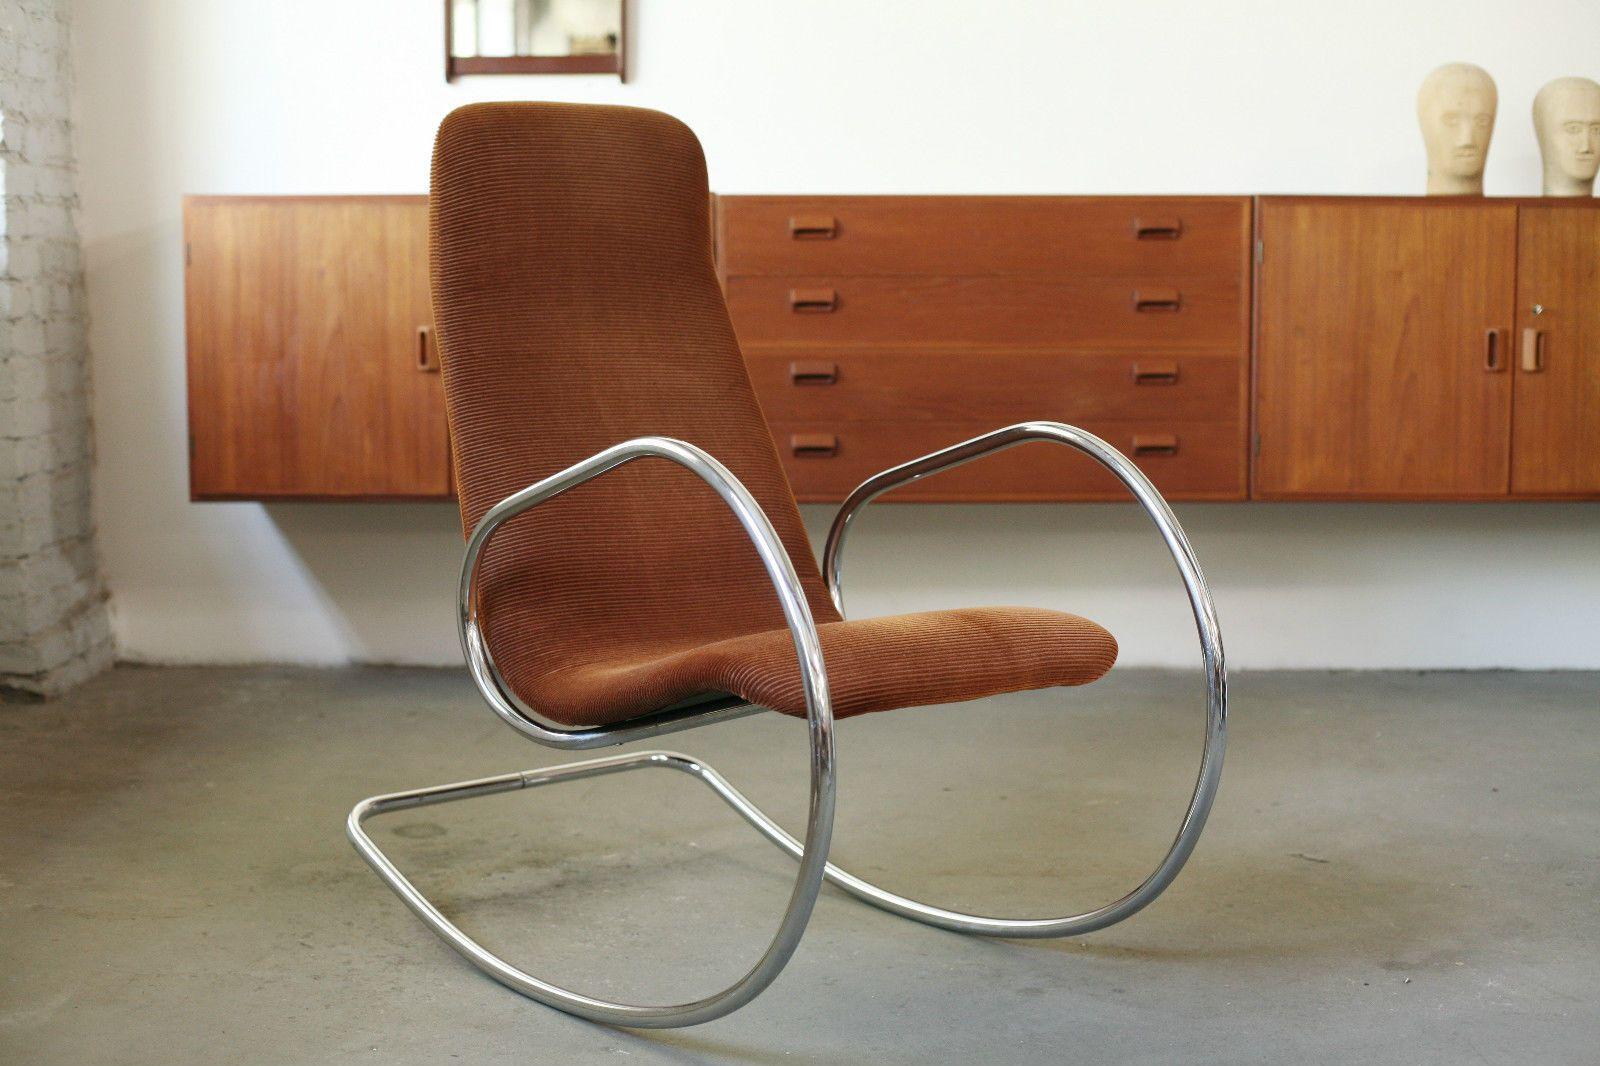 Plywood rocking chair - Details About True Vintage Thonet S826 Schaukelstuhl Ulrich B Hme 70er Stahlrohr Rocking Chair